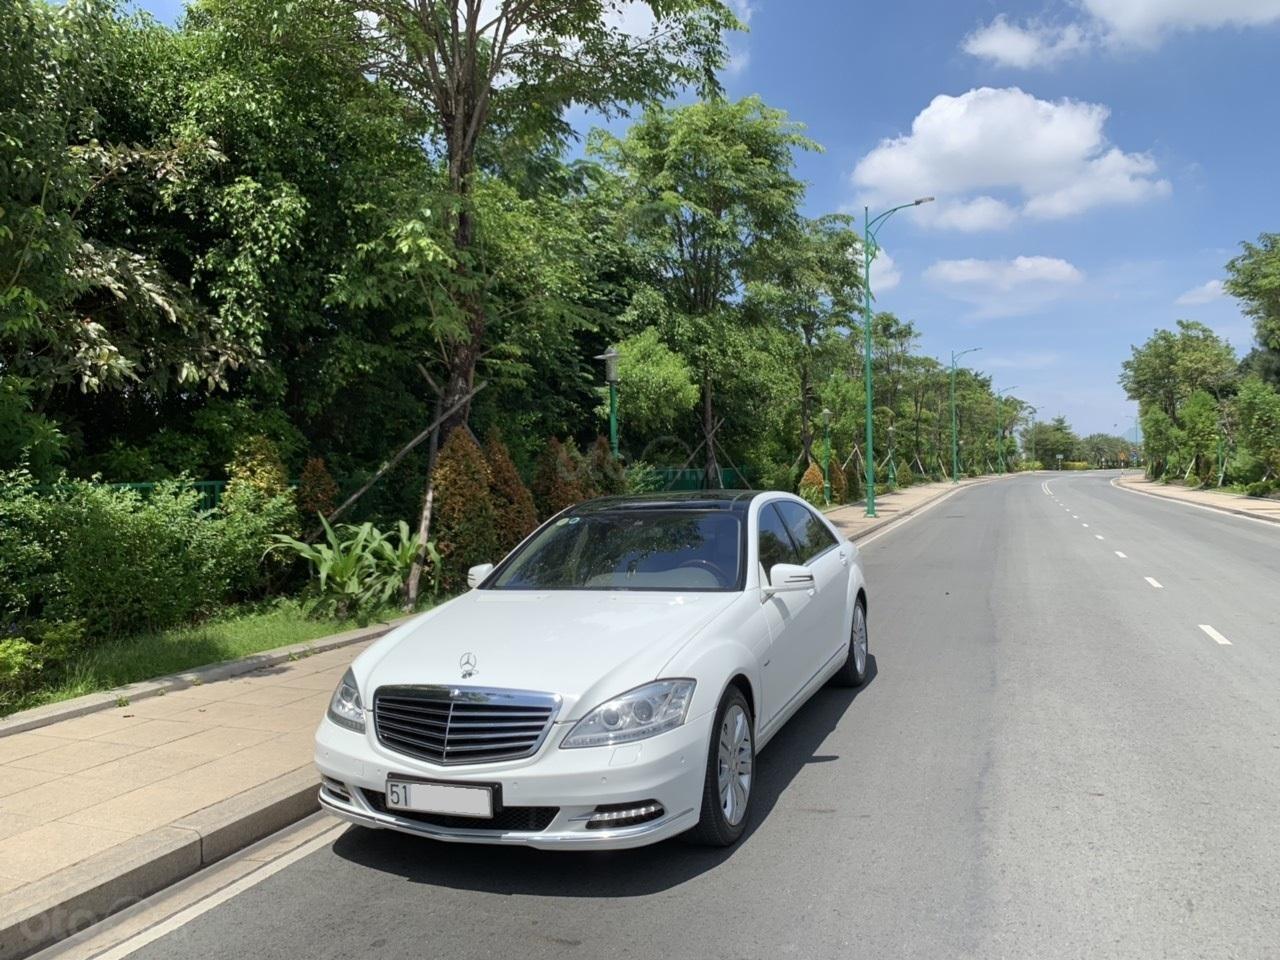 Mercedes S400 Hybrid 2012 nhập khẩu màu trắng, nội thất kem-1